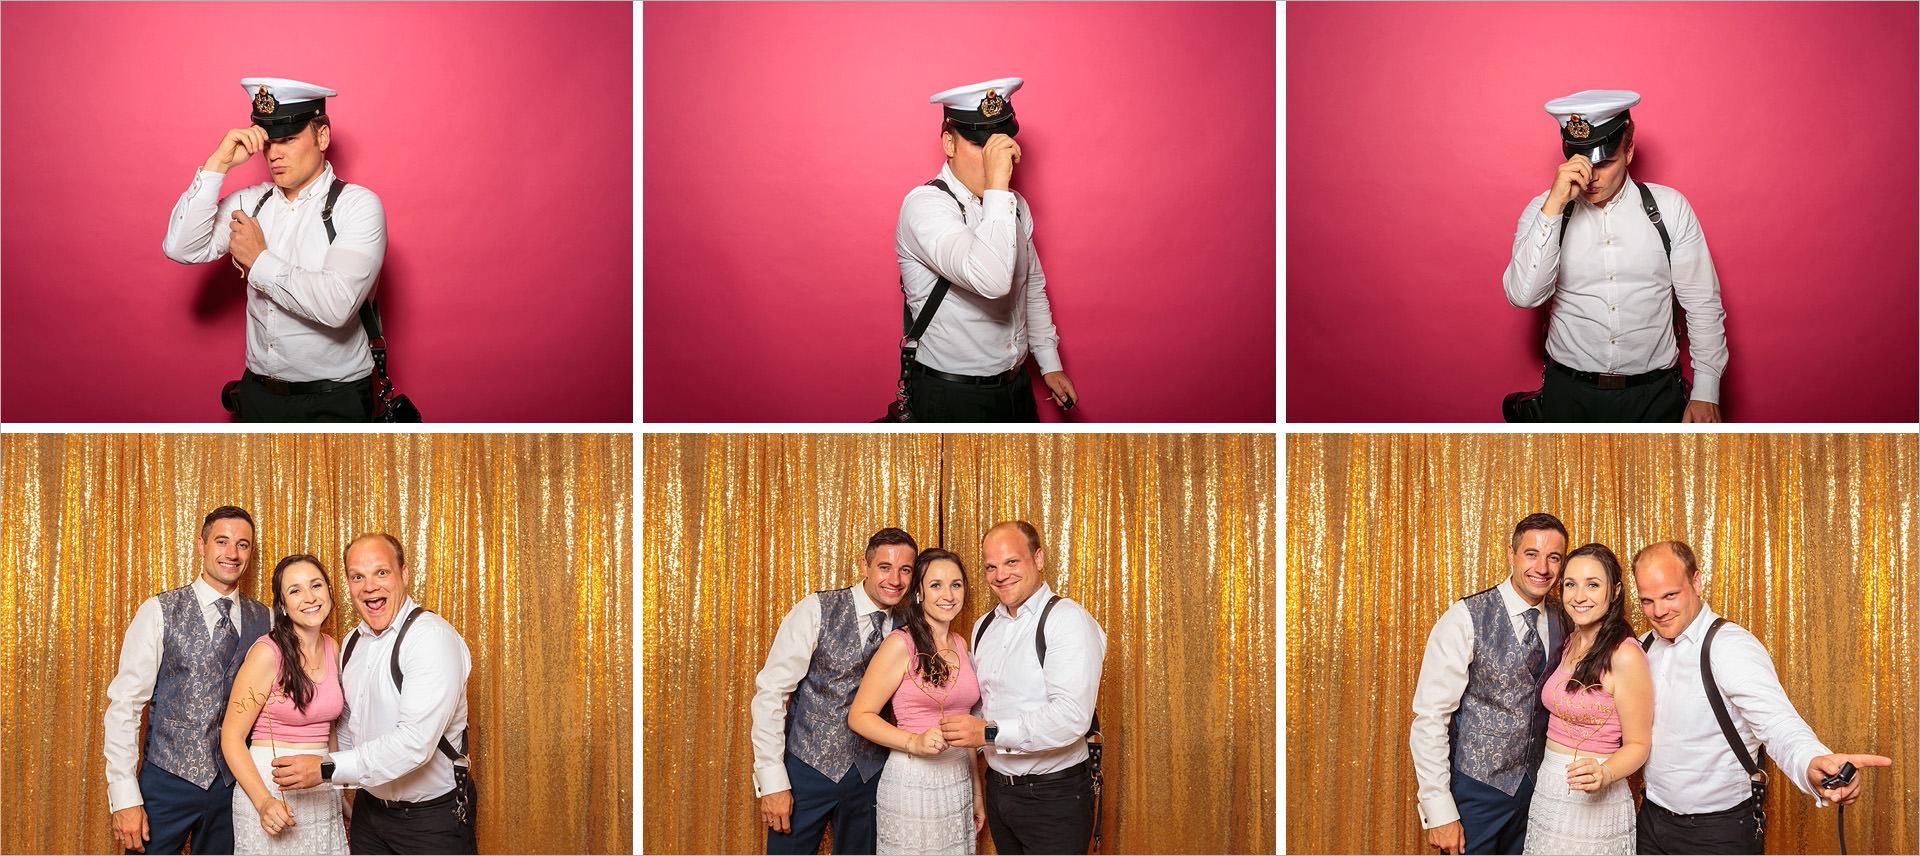 Fotobox für die Hochzeit garantiert viel Spaß